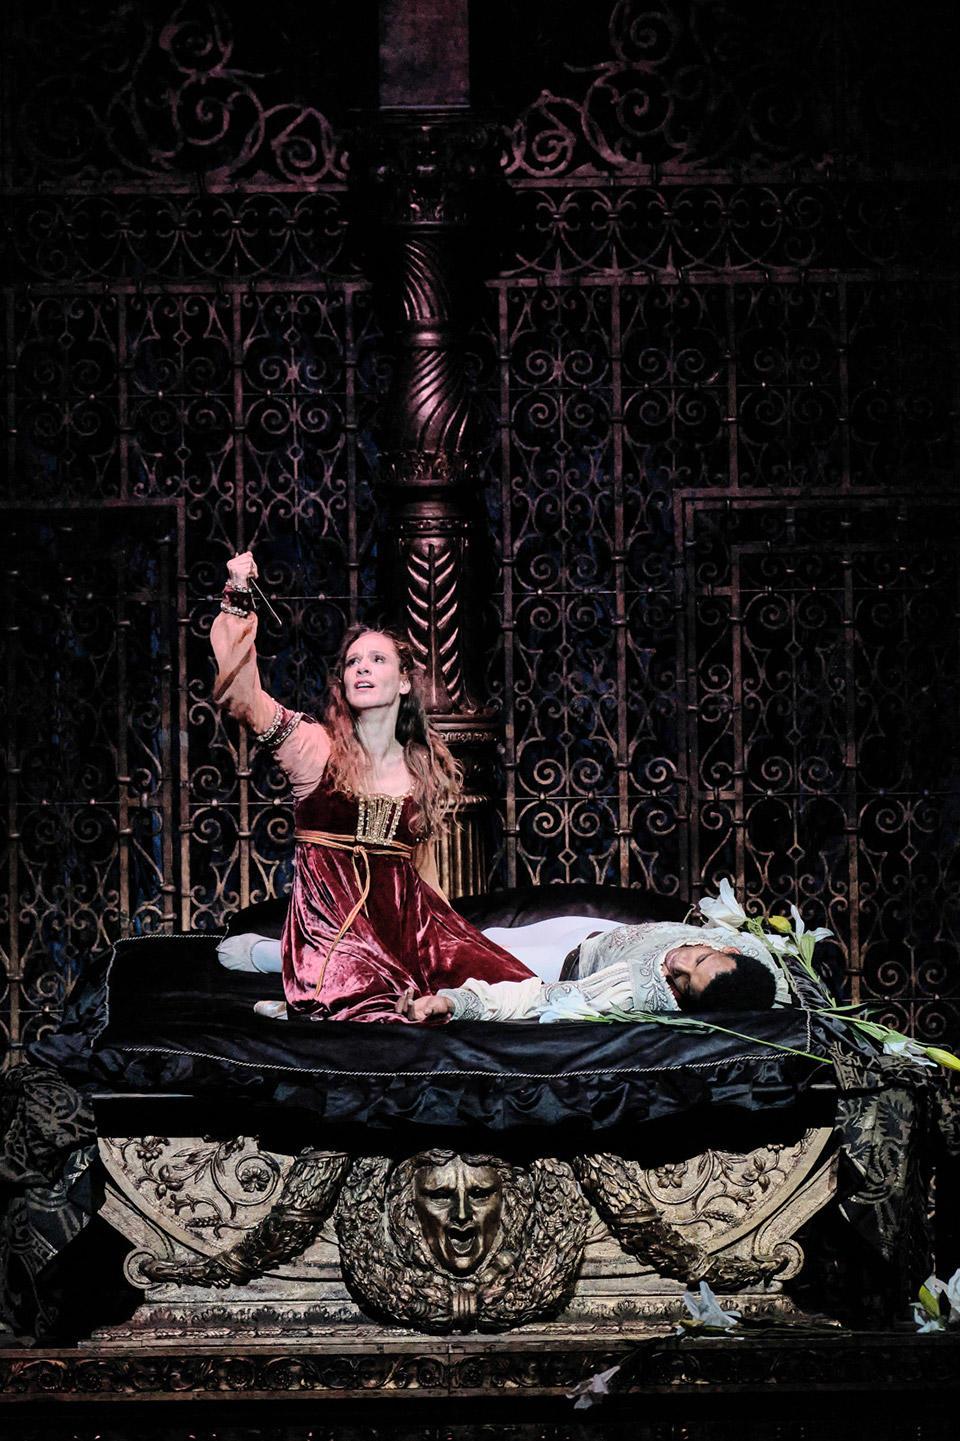 OPB-Romeo-et-Juliette-11-Colassante-Gouneo--C-Agathe-Poupeney.jpg